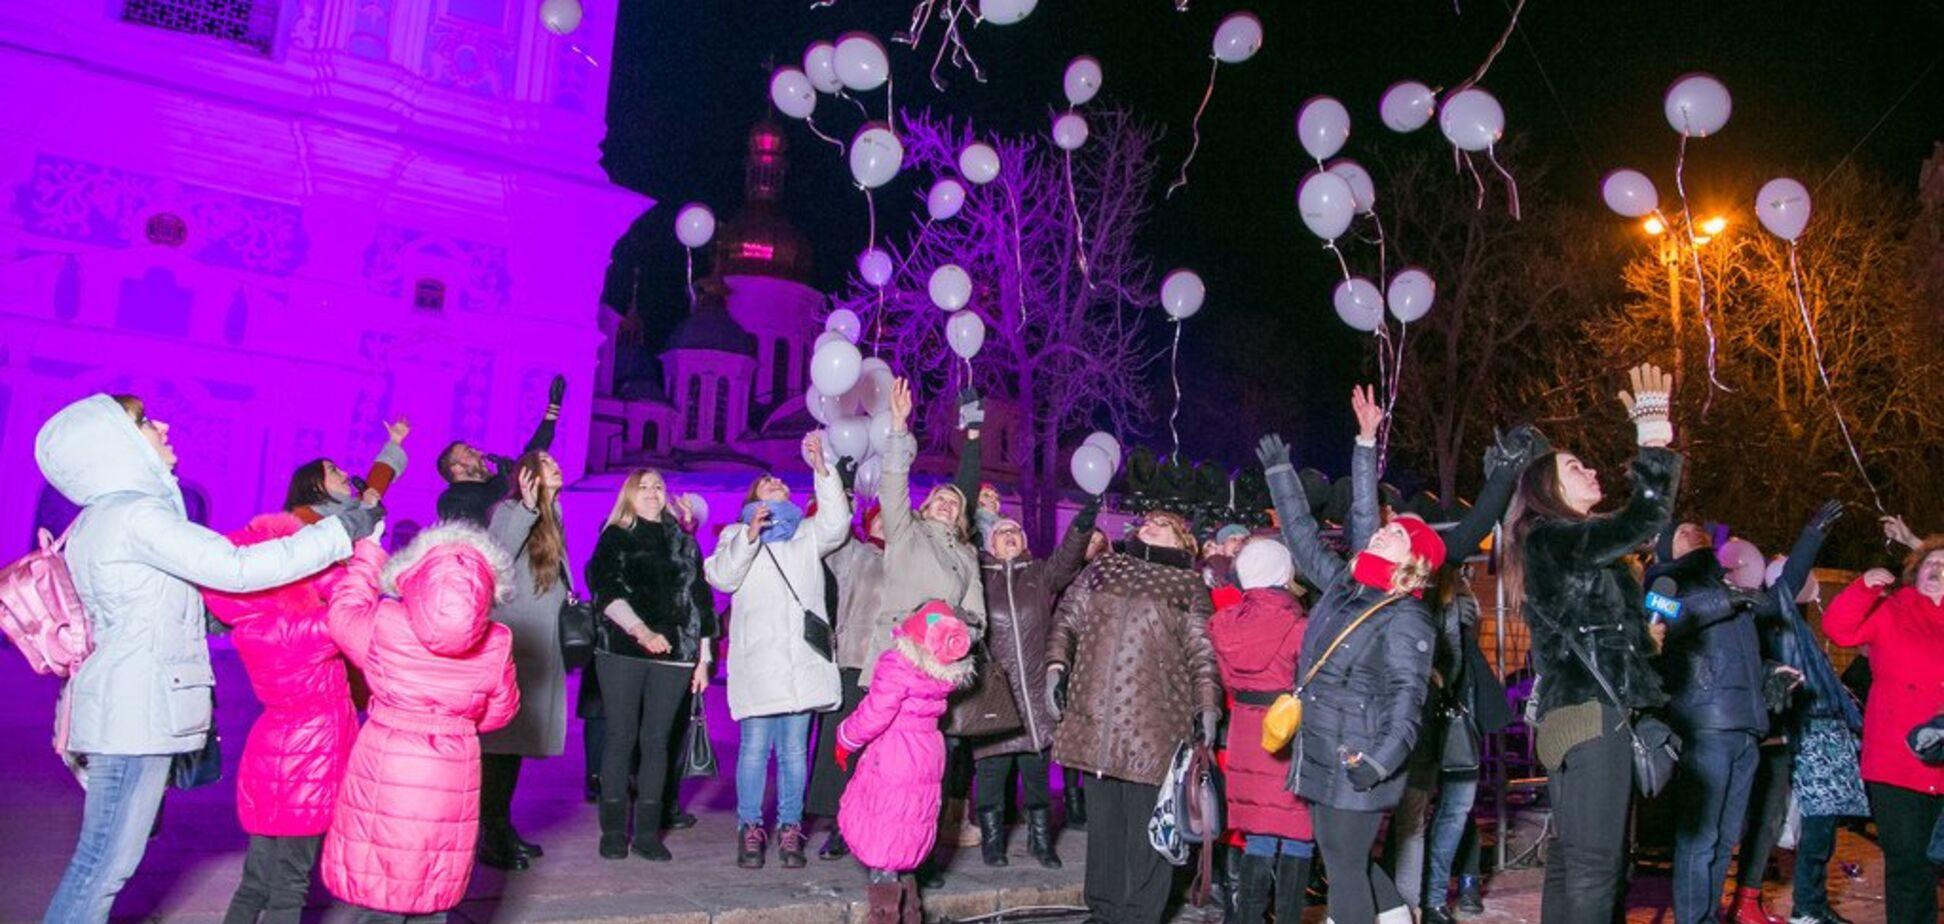 WOG подвела итоги летней благотворительной акции — собрано более миллиона гривен